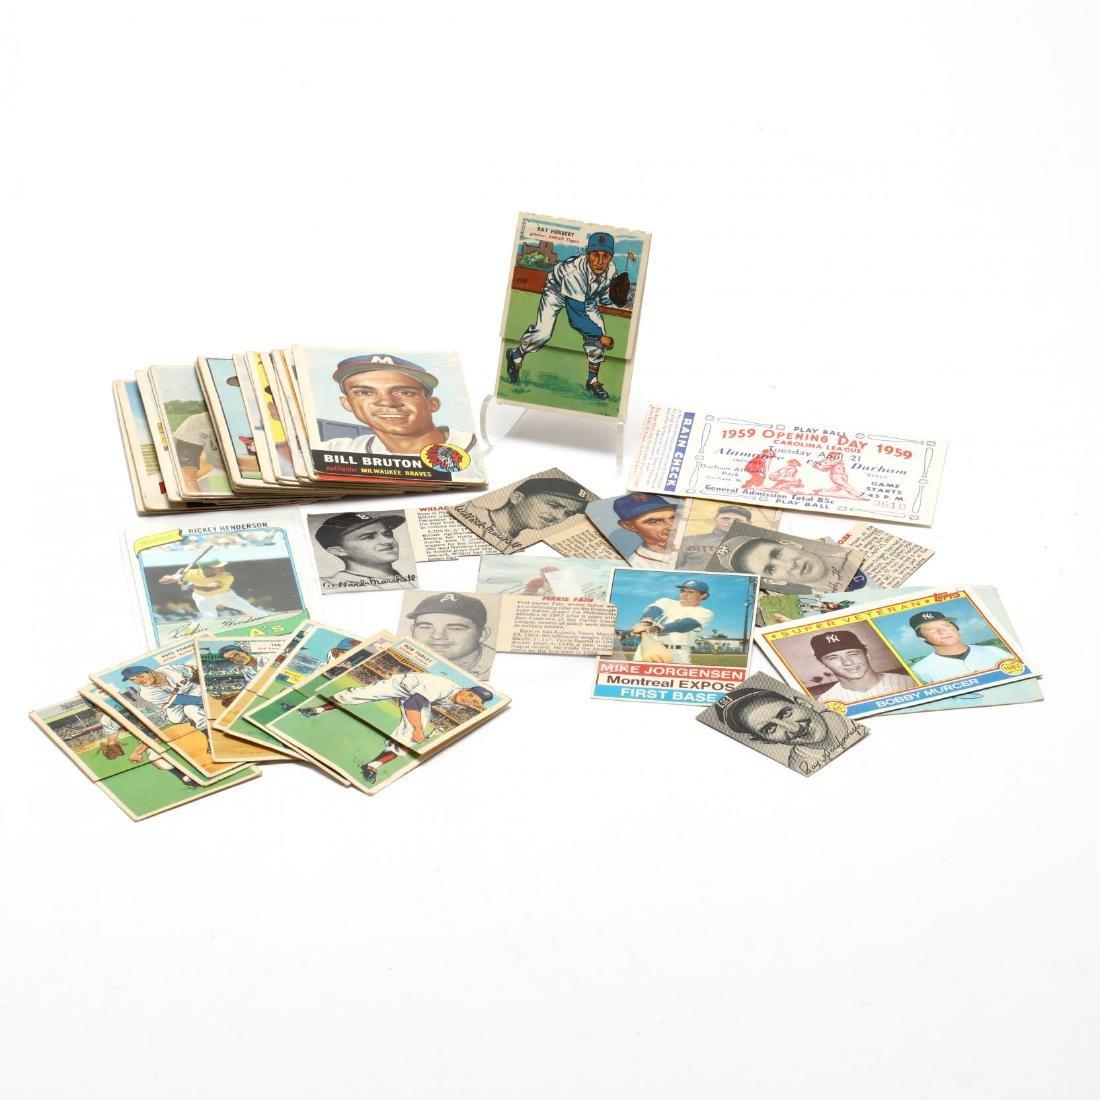 Vintage Baseball Cards and Ephemera Grouping